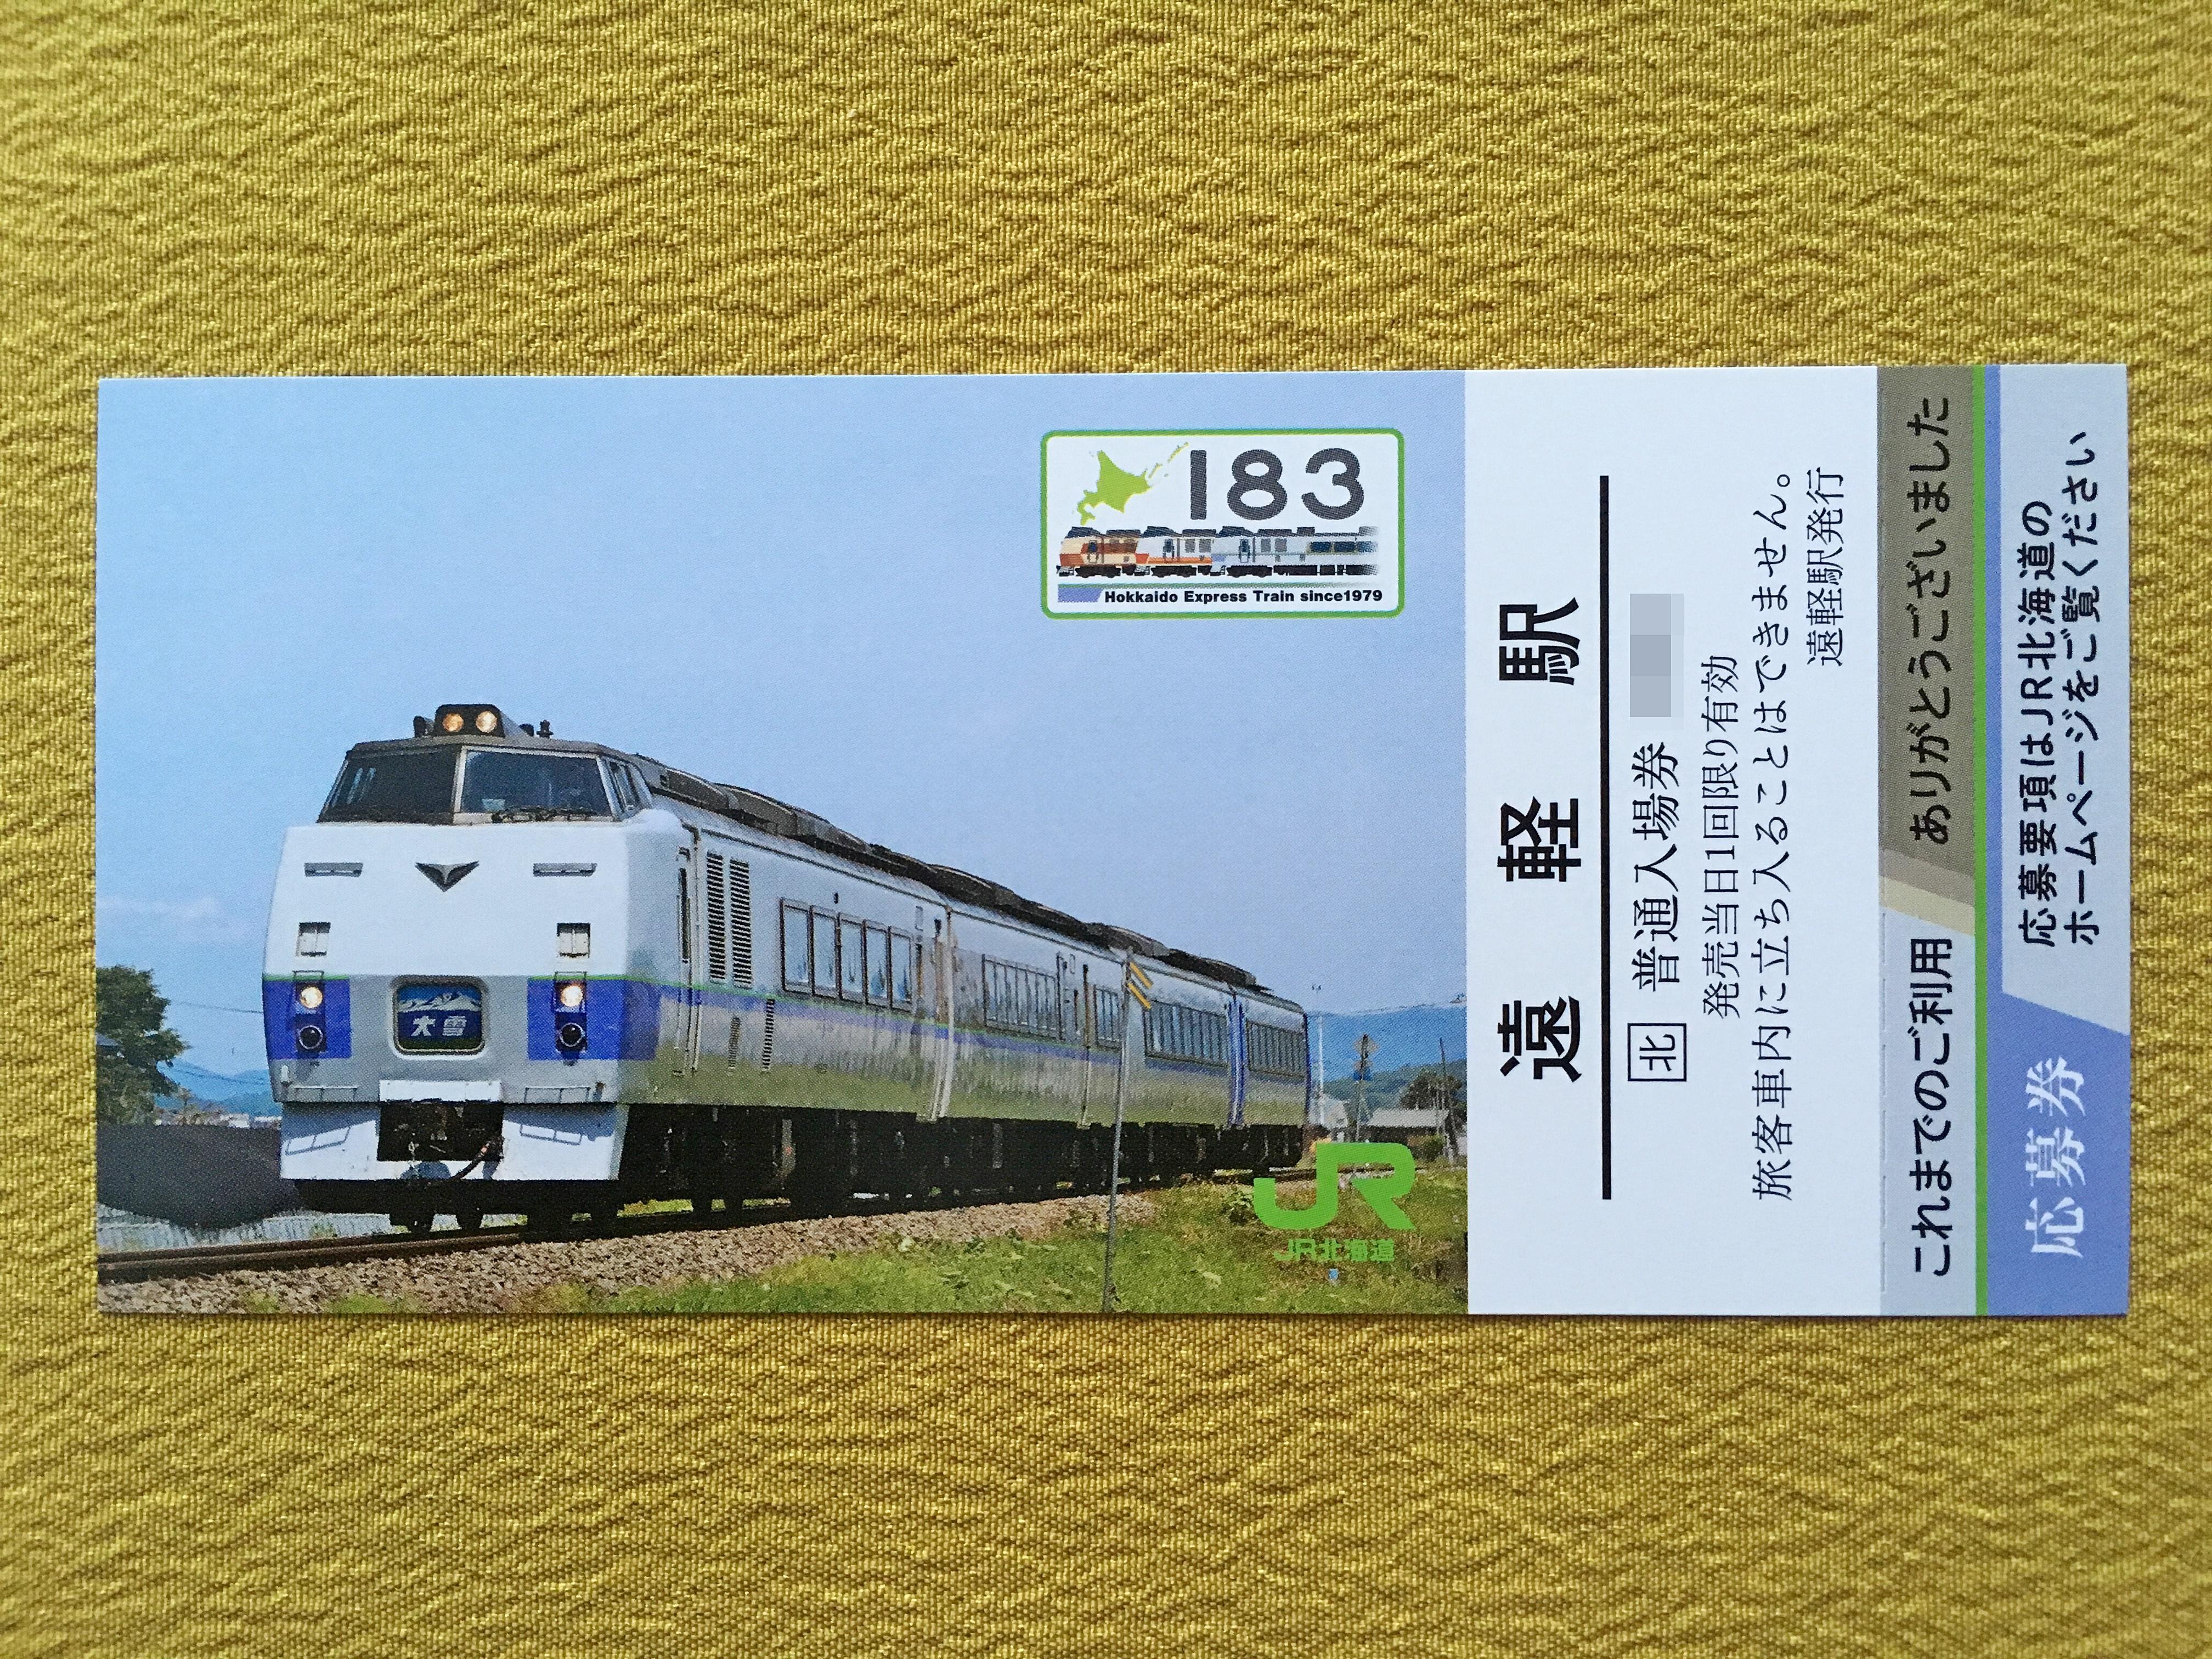 キハ183-0系記念入場券 遠軽駅表.JPG